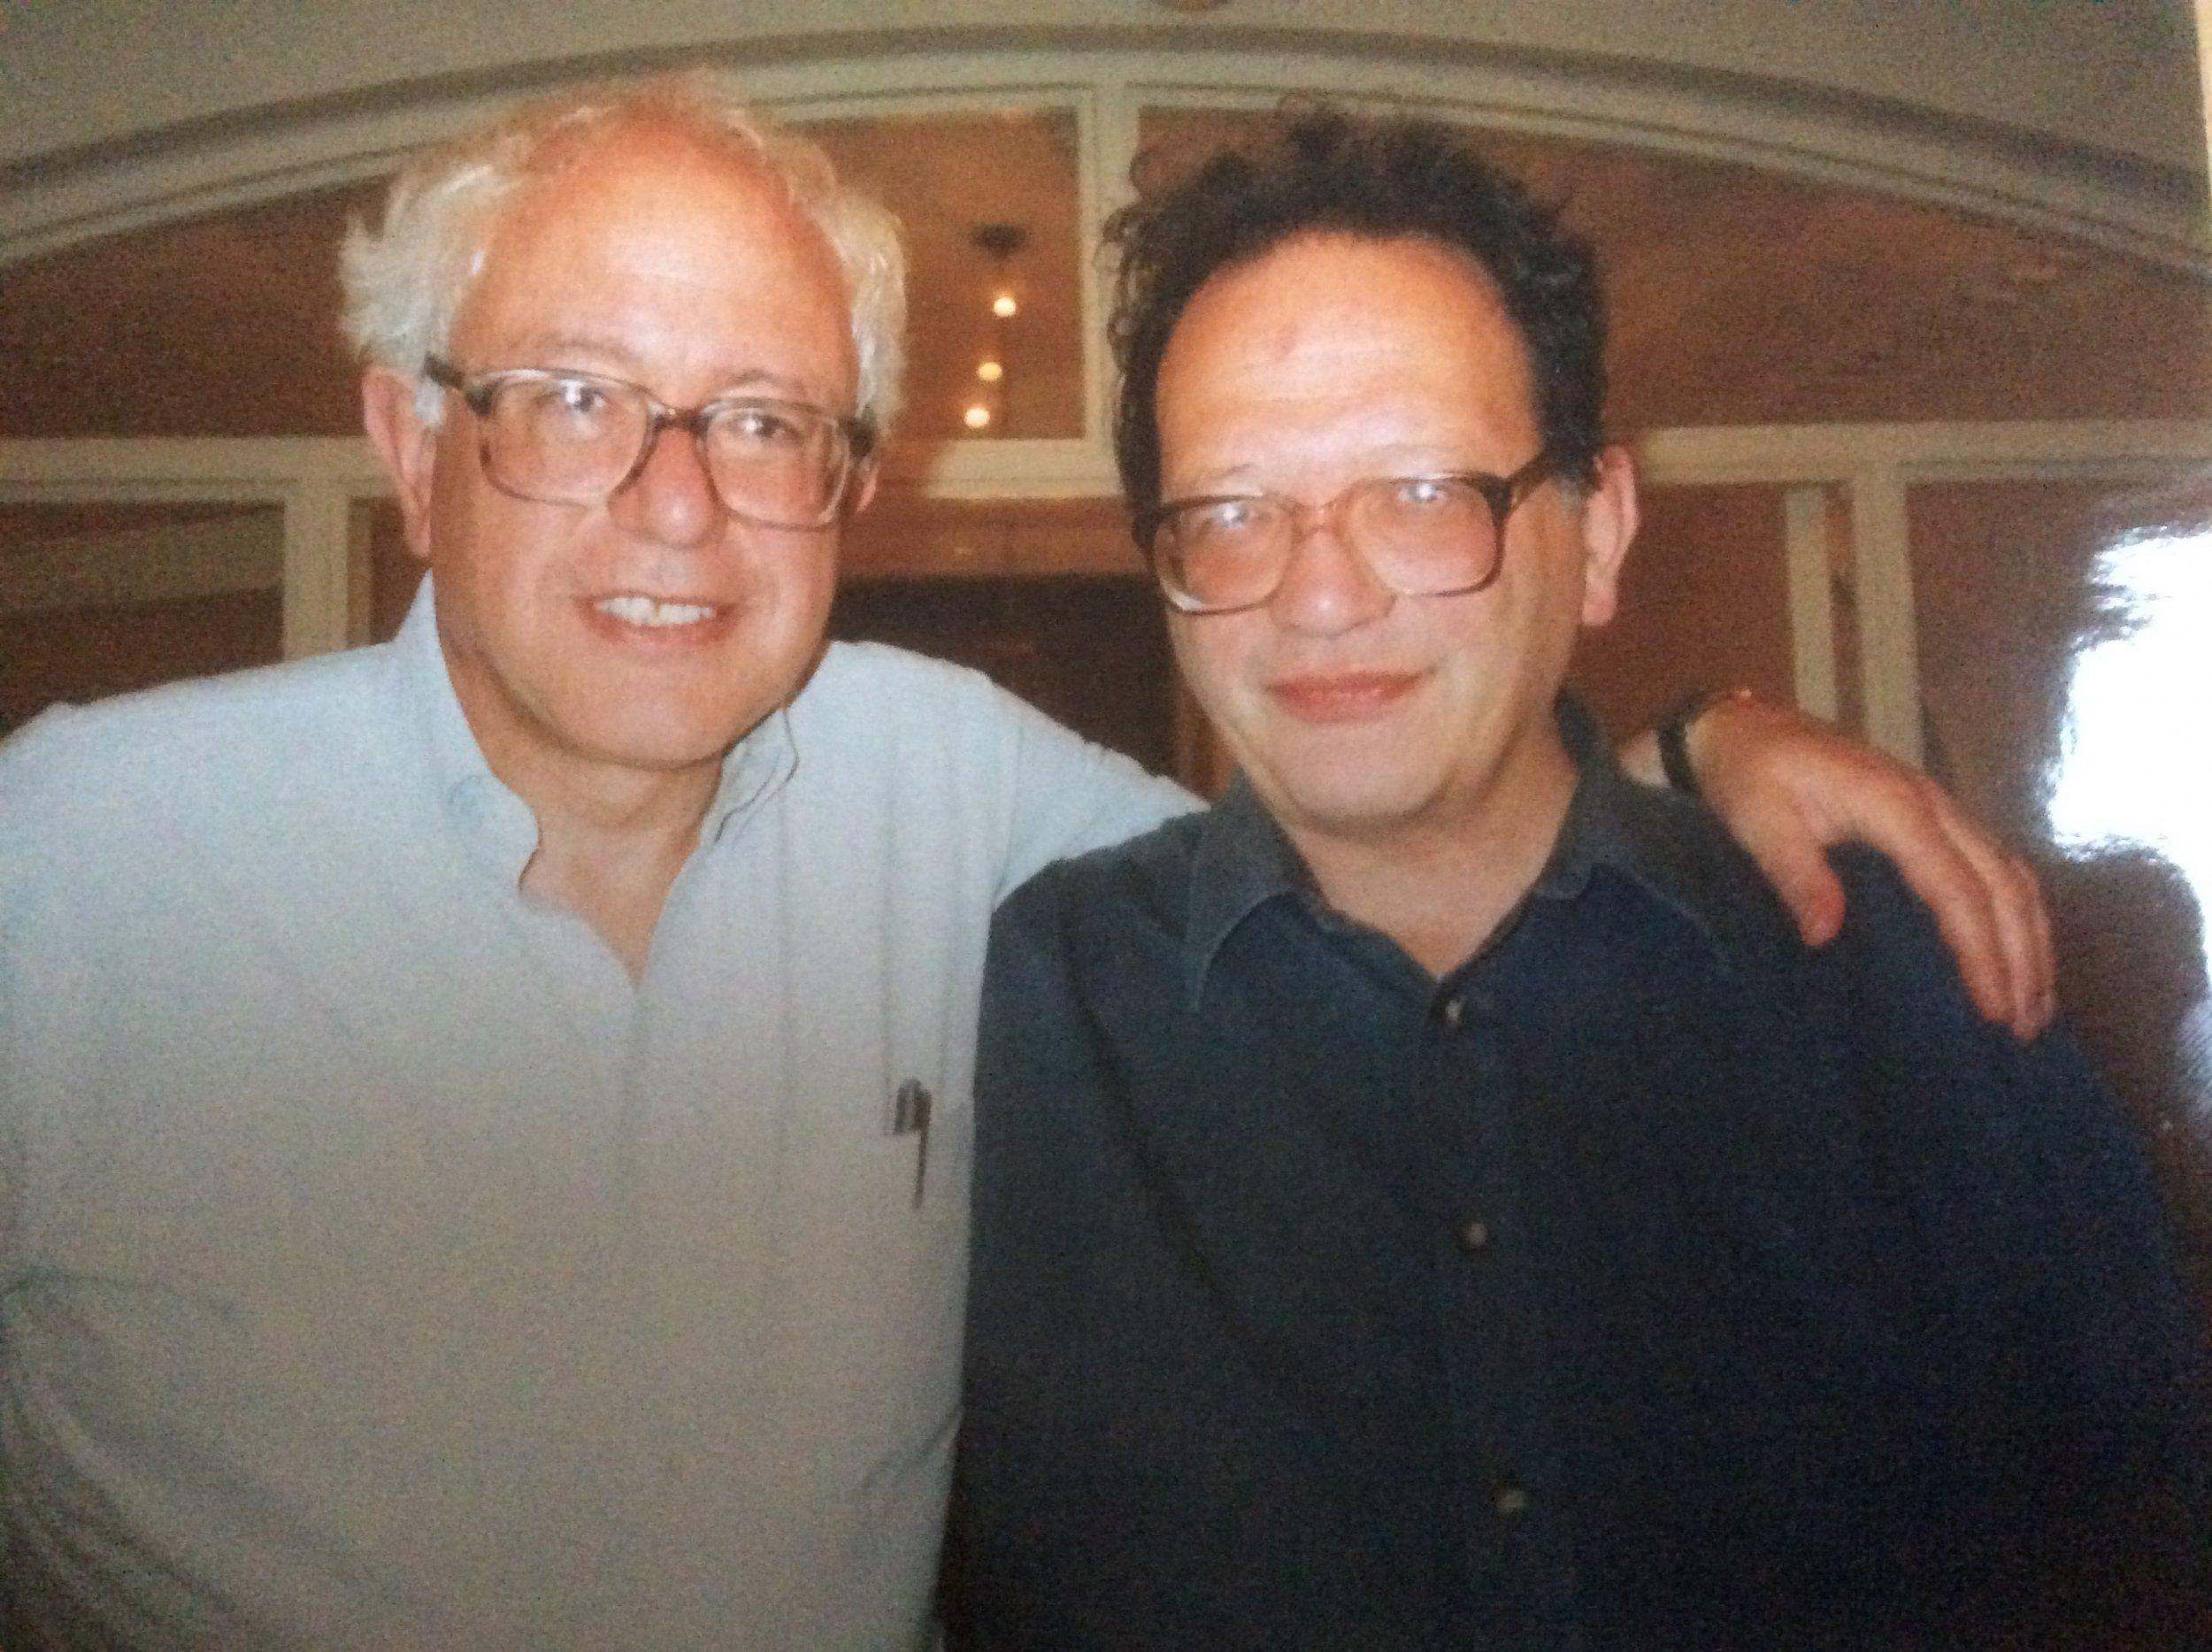 Larry Sanders (R) and Bernie Sanders (L)